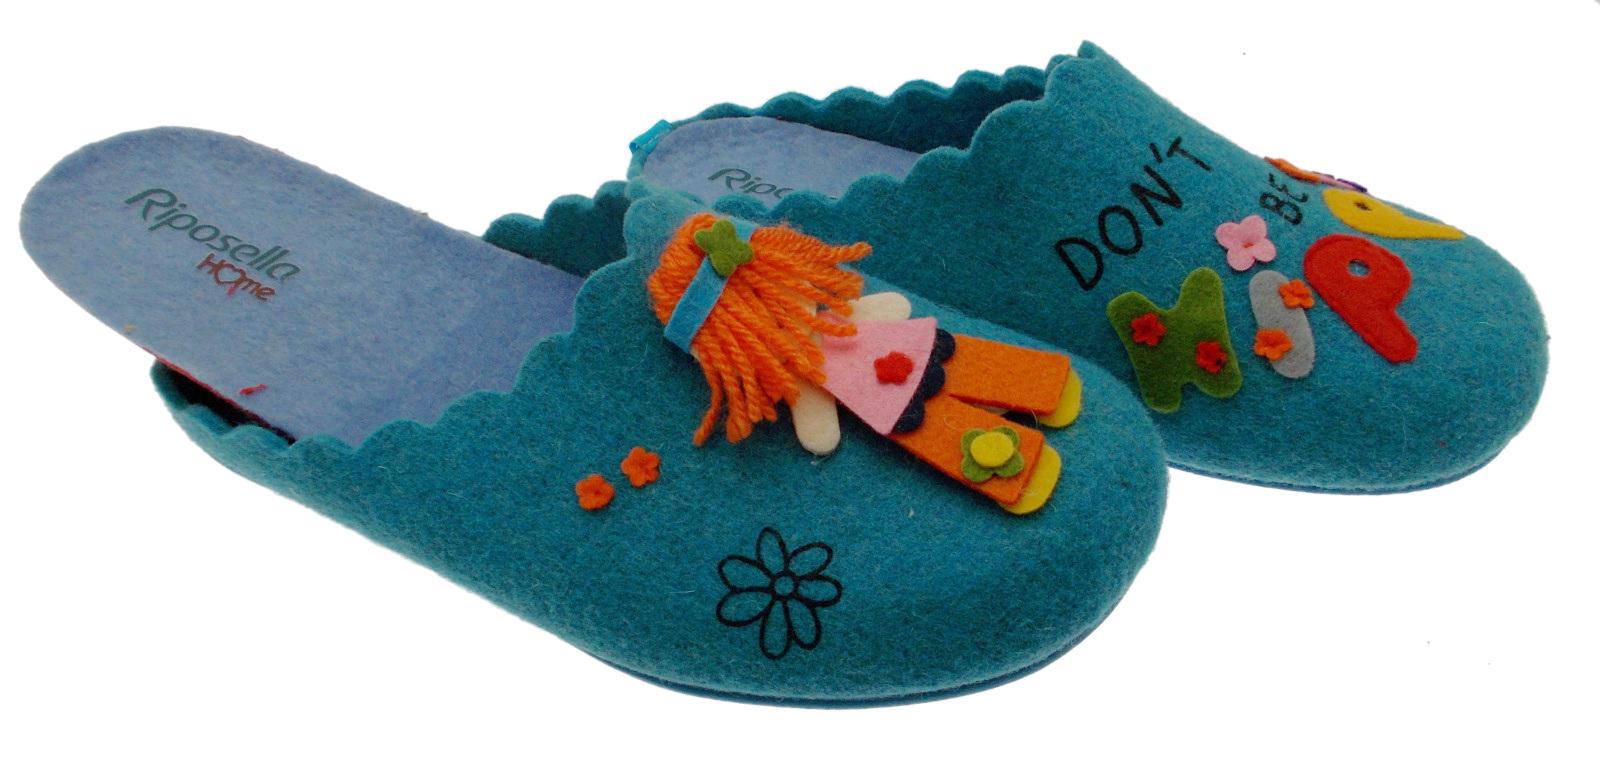 4564 blauw doek vROTe strook uitneembaar voetbed liefde en vROTe doek Riposella c128ed